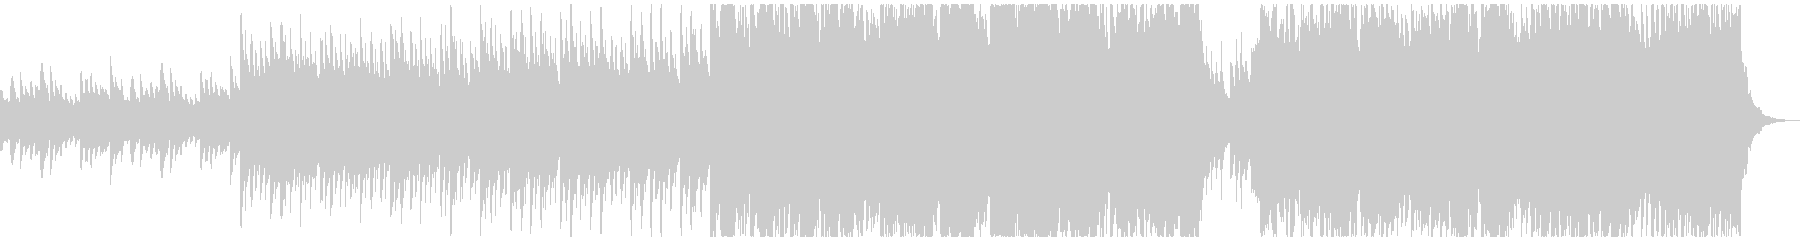 60秒 片想いのワルツ・ピアノバイオリンの未再生の波形